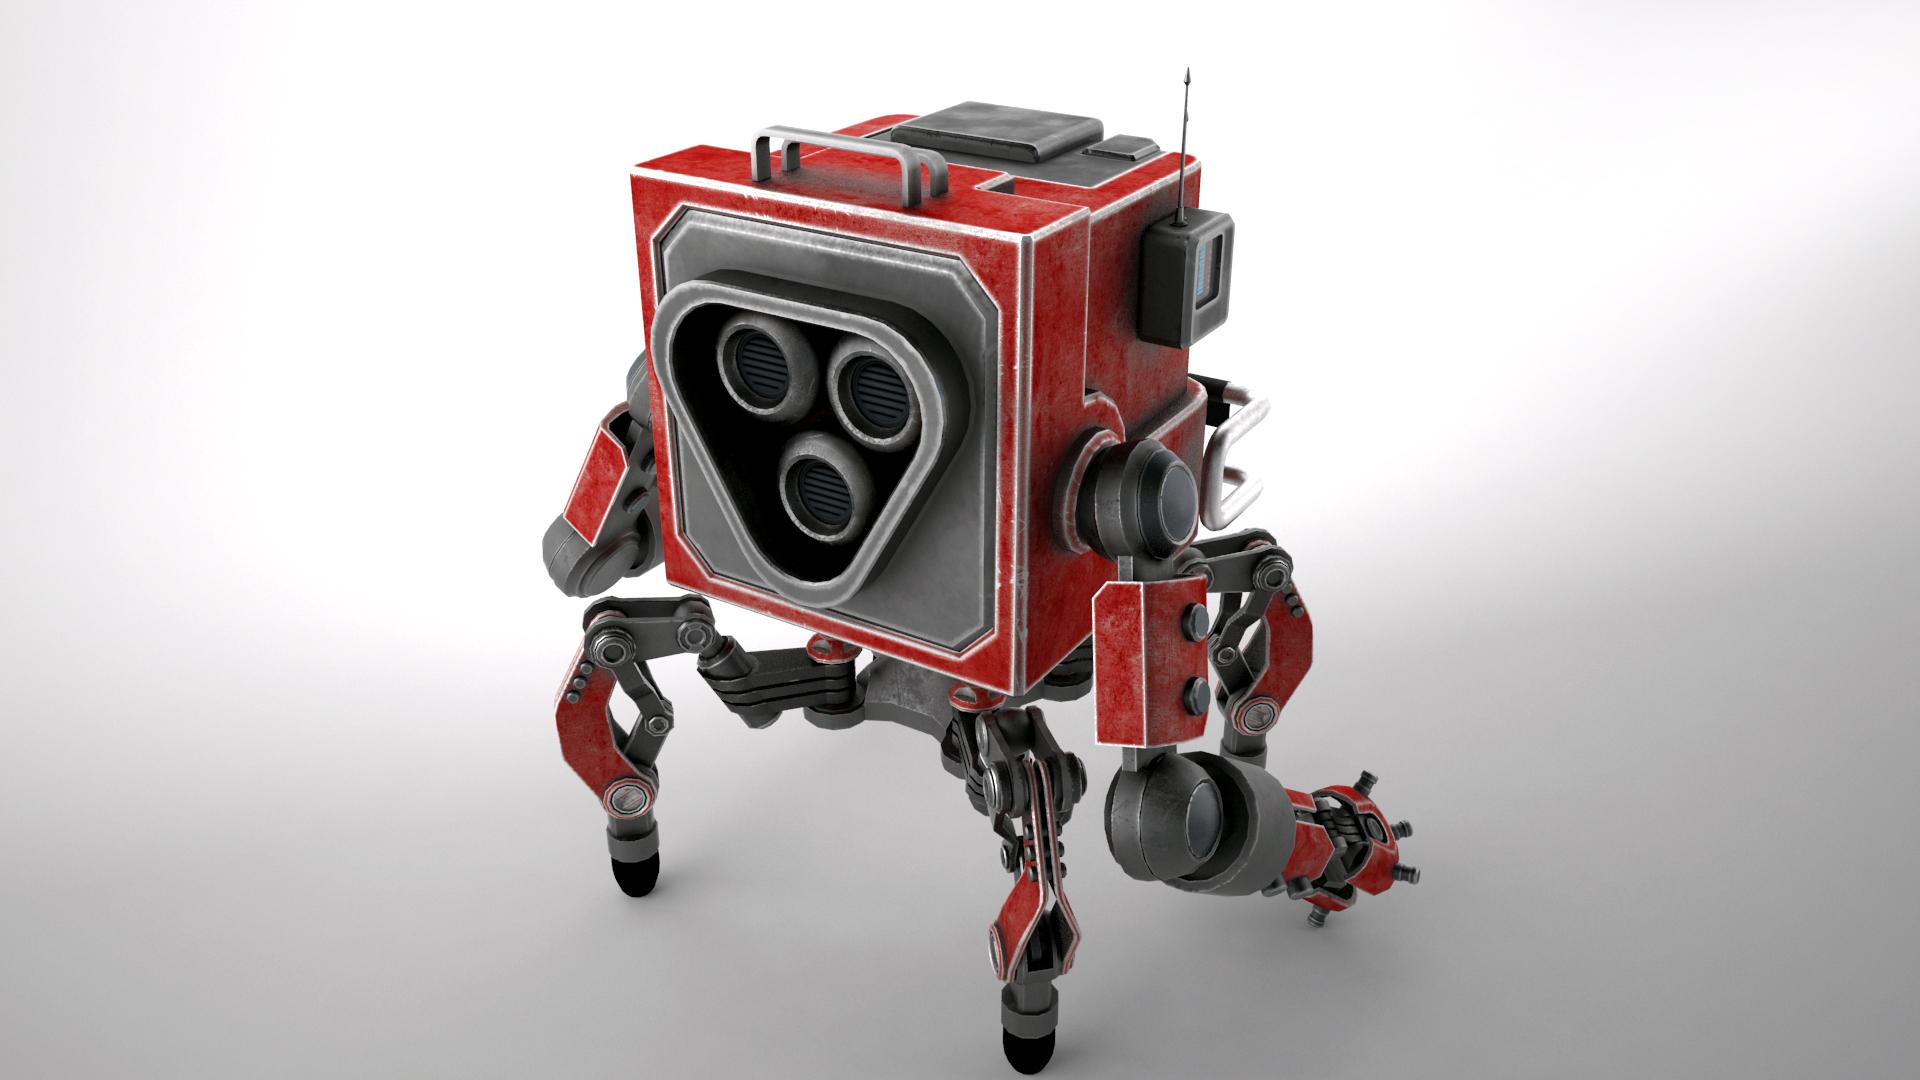 robot gsg1 3d model 3ds max fbx obj 267413